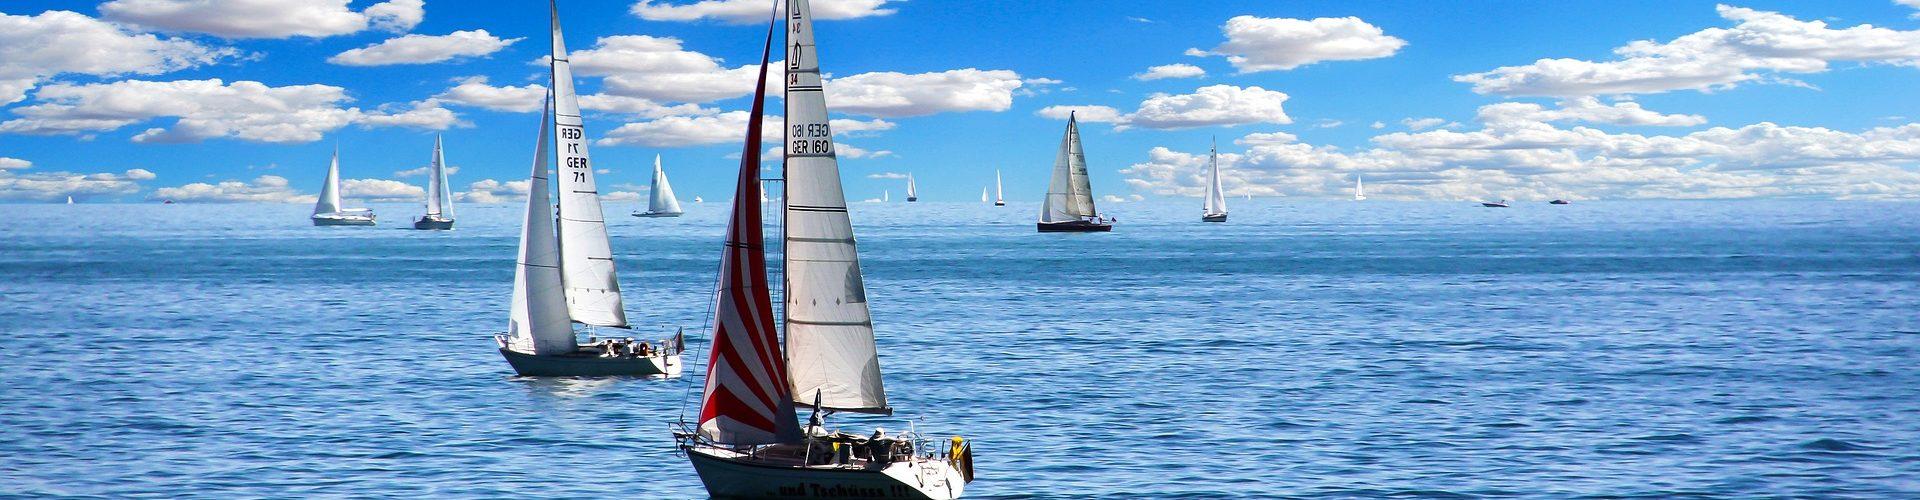 segeln lernen in Heiligenhaus segelschein machen in Heiligenhaus 1920x500 - Segeln lernen in Heiligenhaus